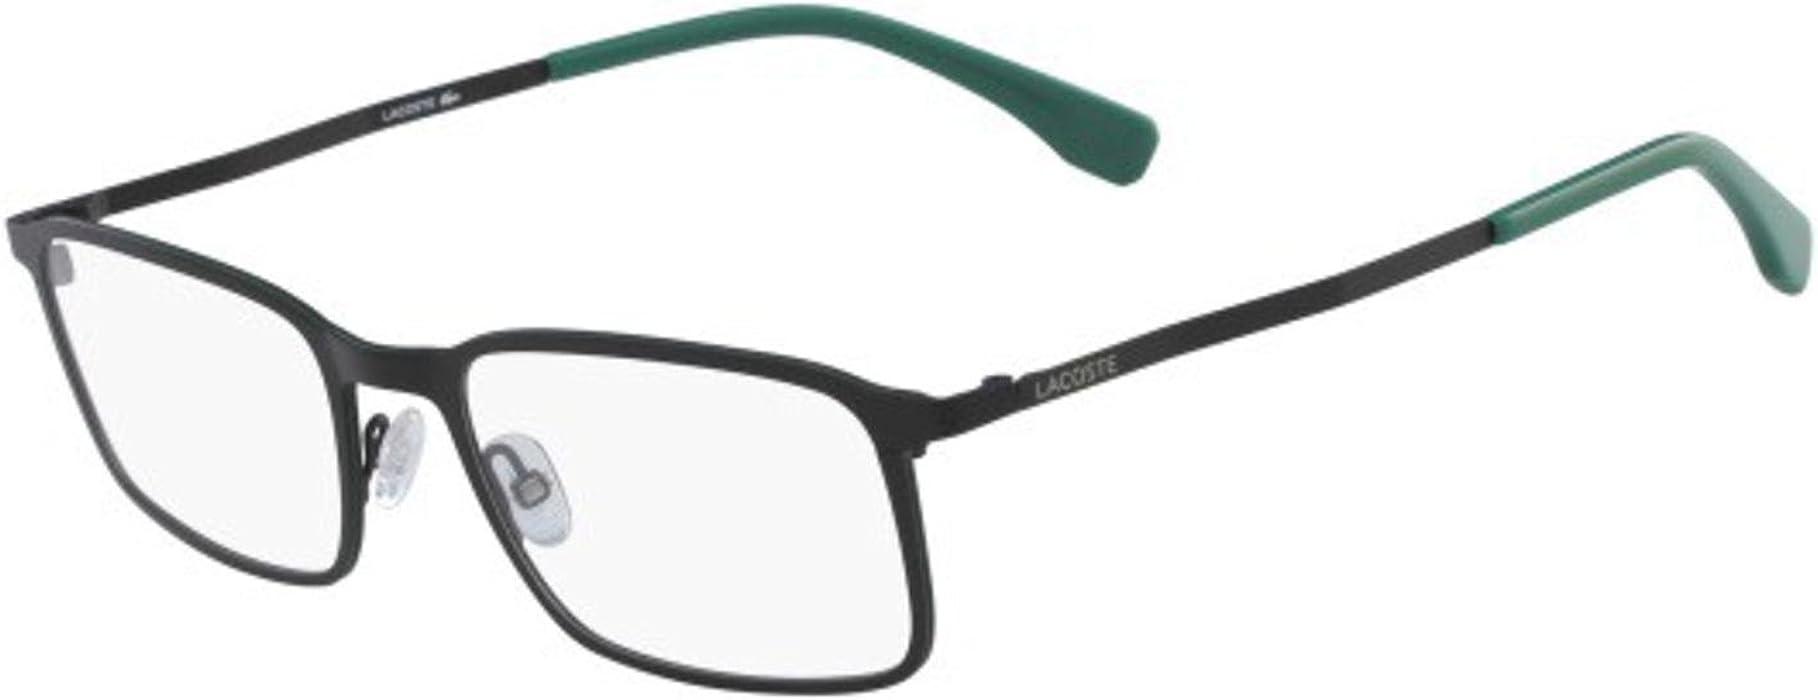 d7d1e3f477d Eyeglasses LACOSTE L 2240 002 MATTE BLACK at Amazon Men s Clothing store